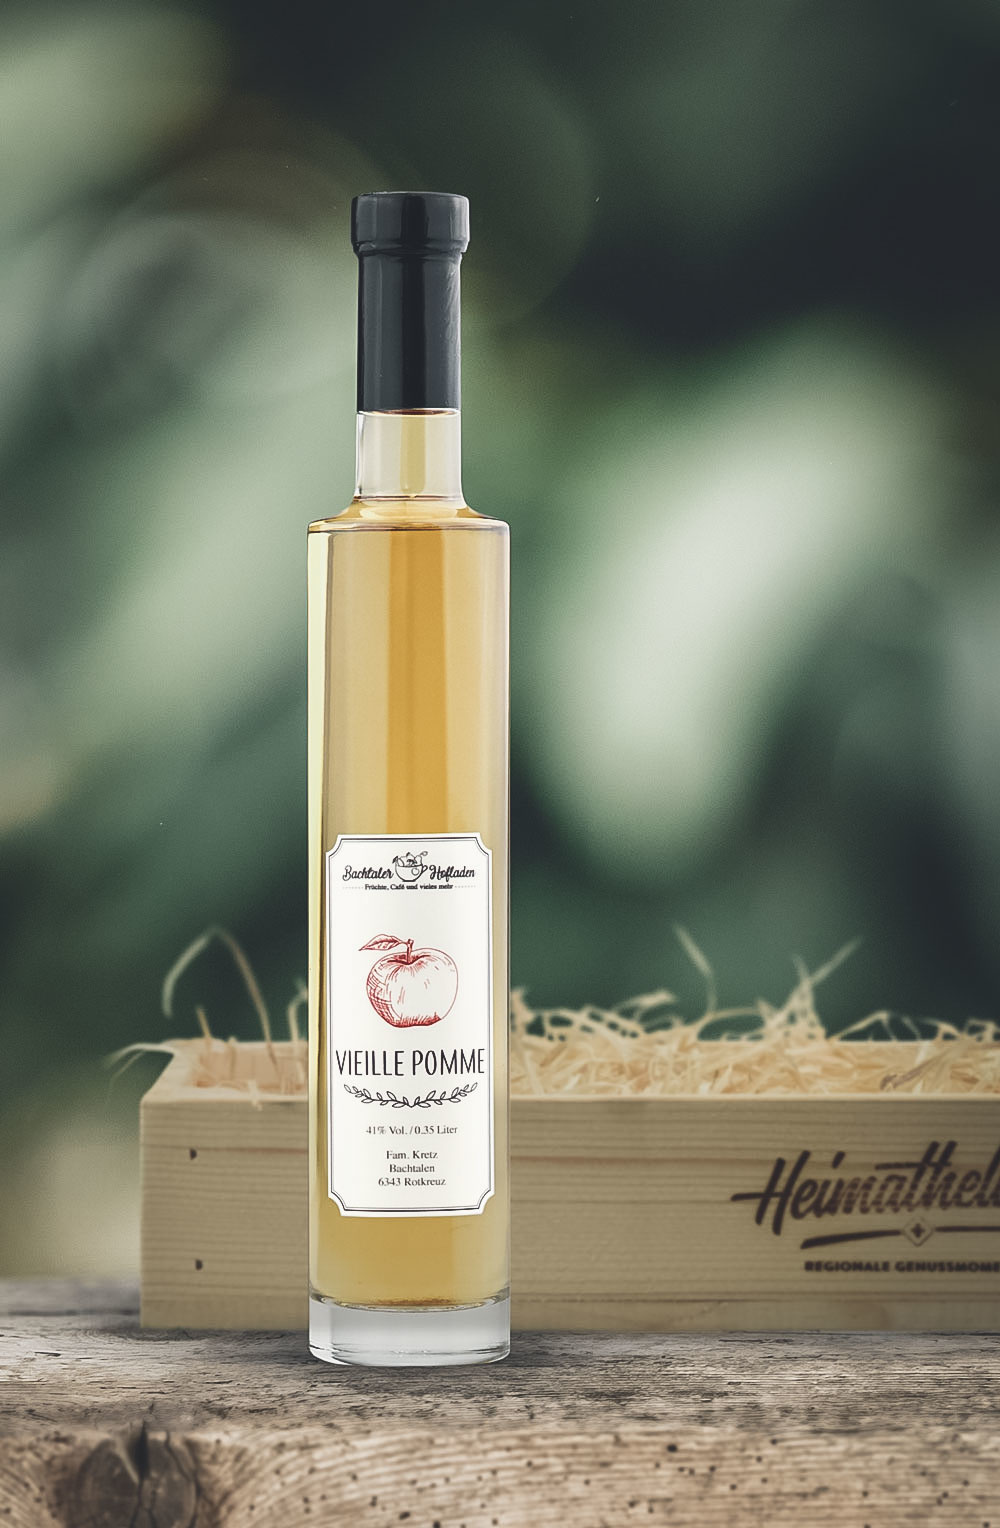 Vieille Pomme 35cl in schöner Geschenk-Holzharasse-1